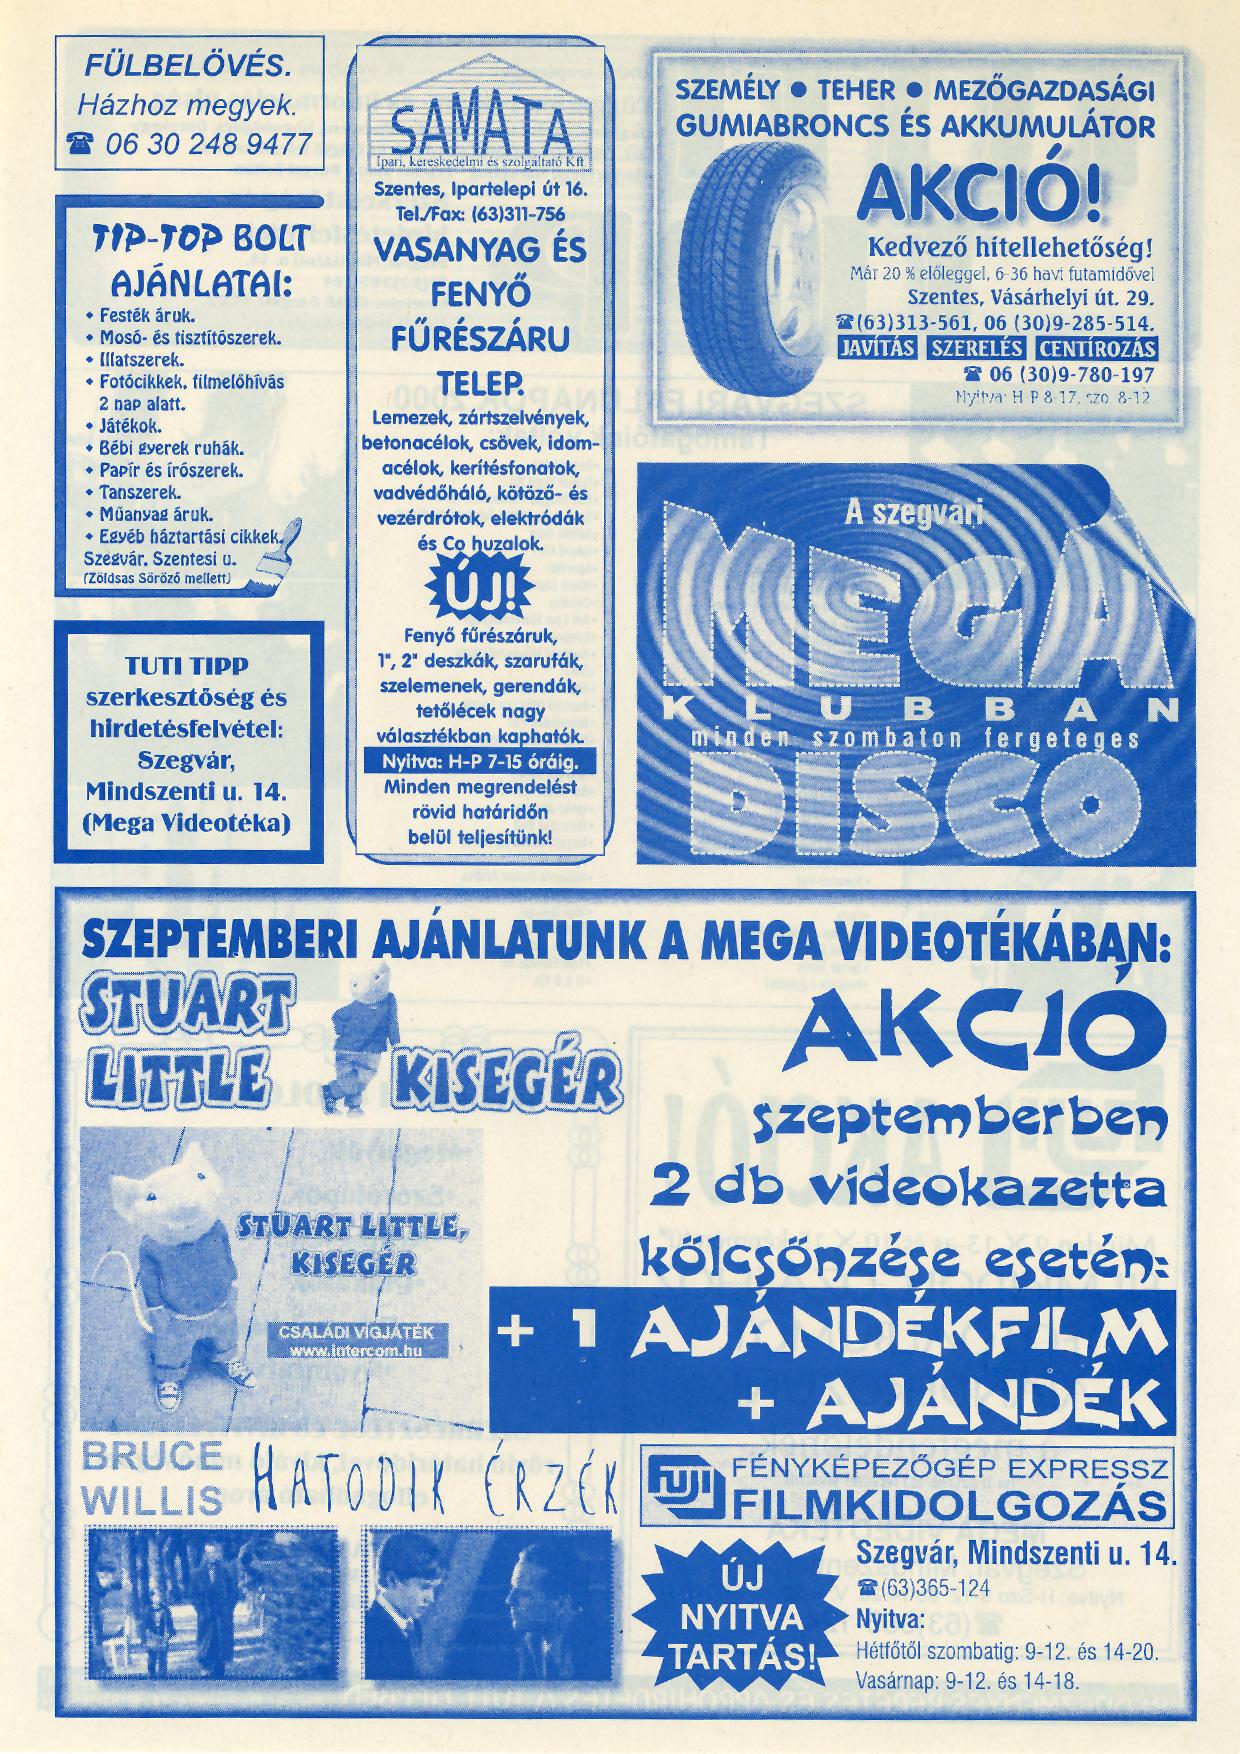 018 Tuti Tipp reklámújság - 200009-132. lapszám - 2.oldal - VI. évfolyam.jpg